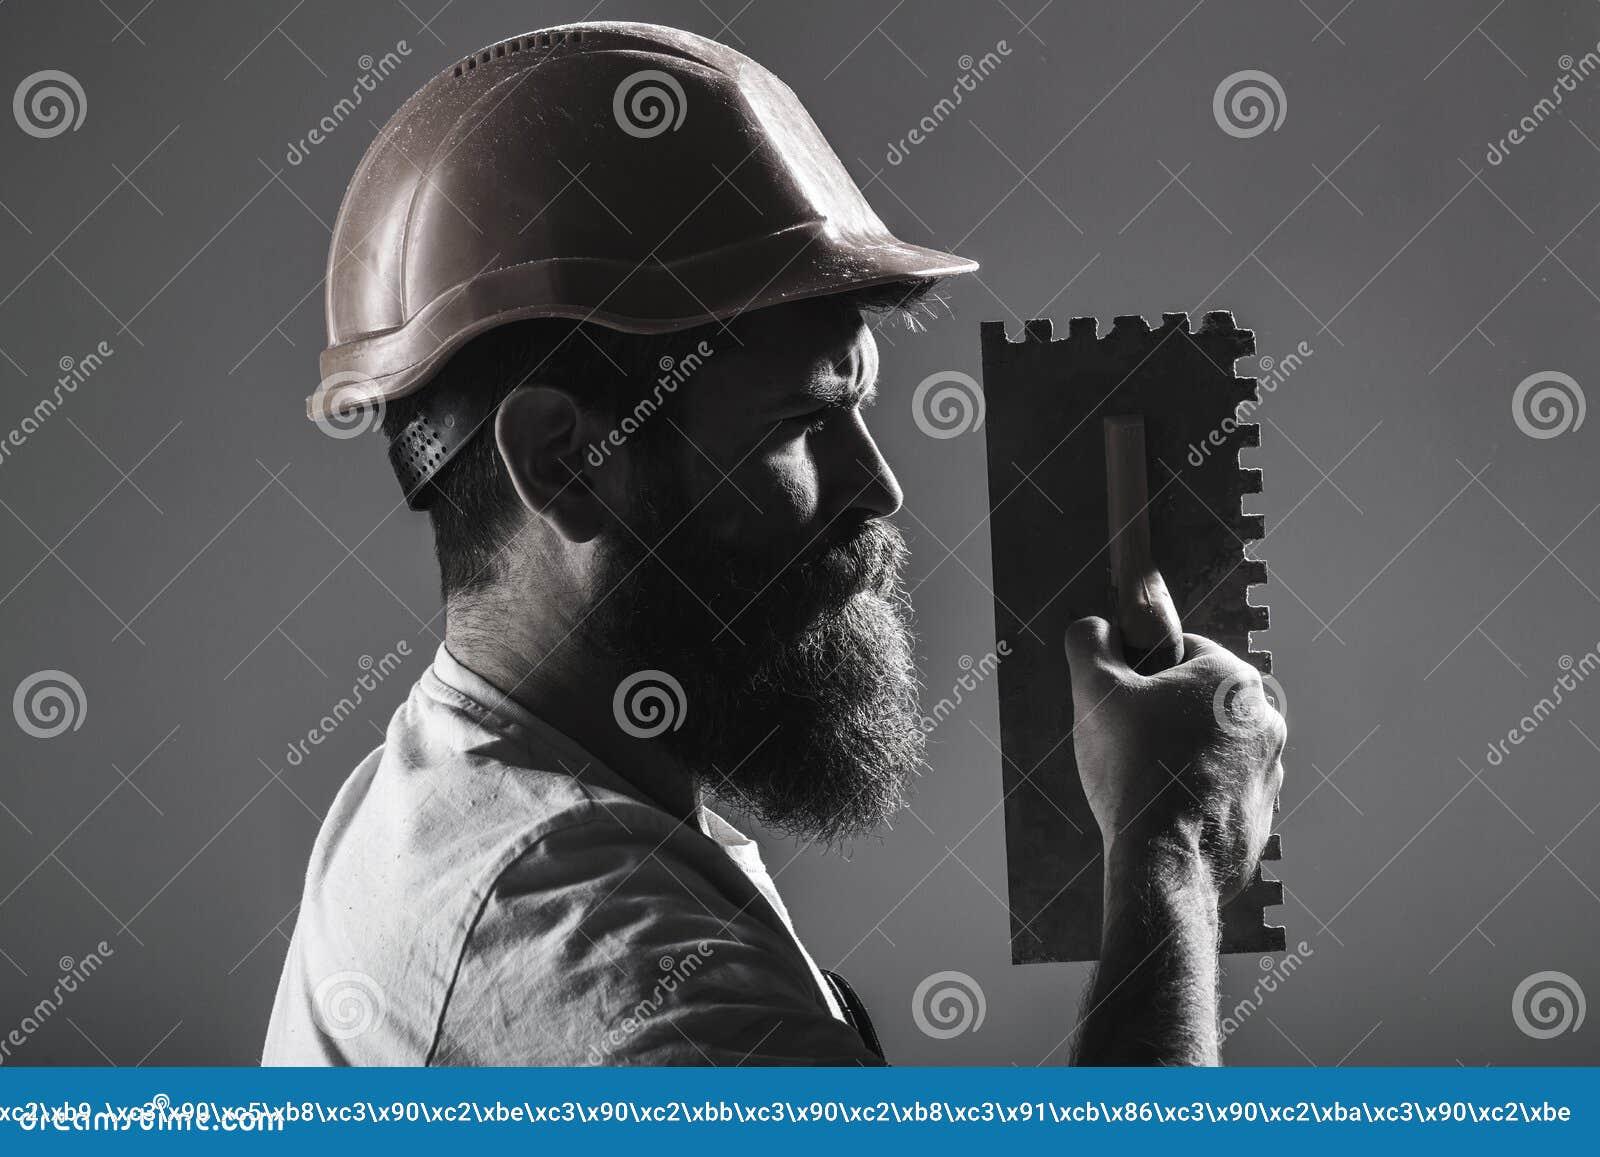 Hjälpmedel murslev, faktotum, manbyggmästare Murarehjälpmedel, byggmästare Skäggig manarbetare, skägg, byggnadshjälm, hård hatt